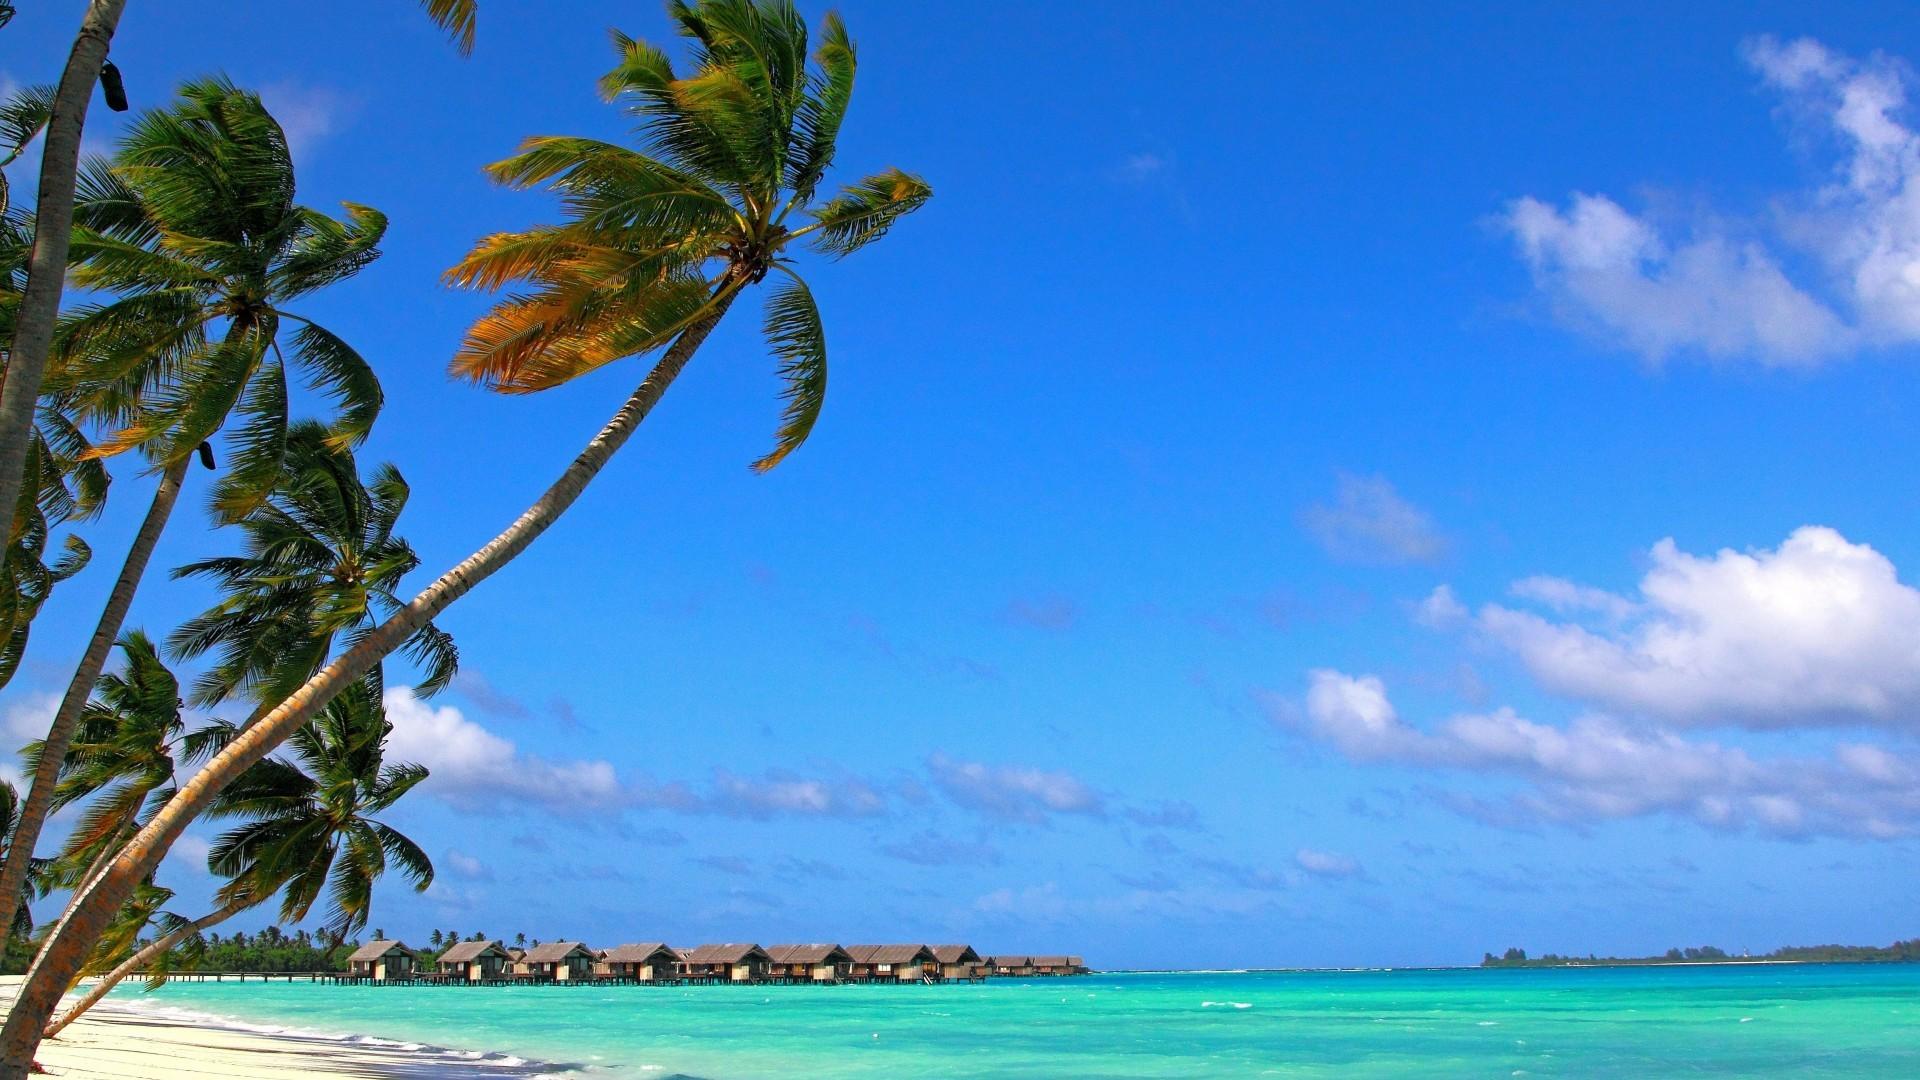 Sfondi maldive 56 immagini for Sfondi hd gratis